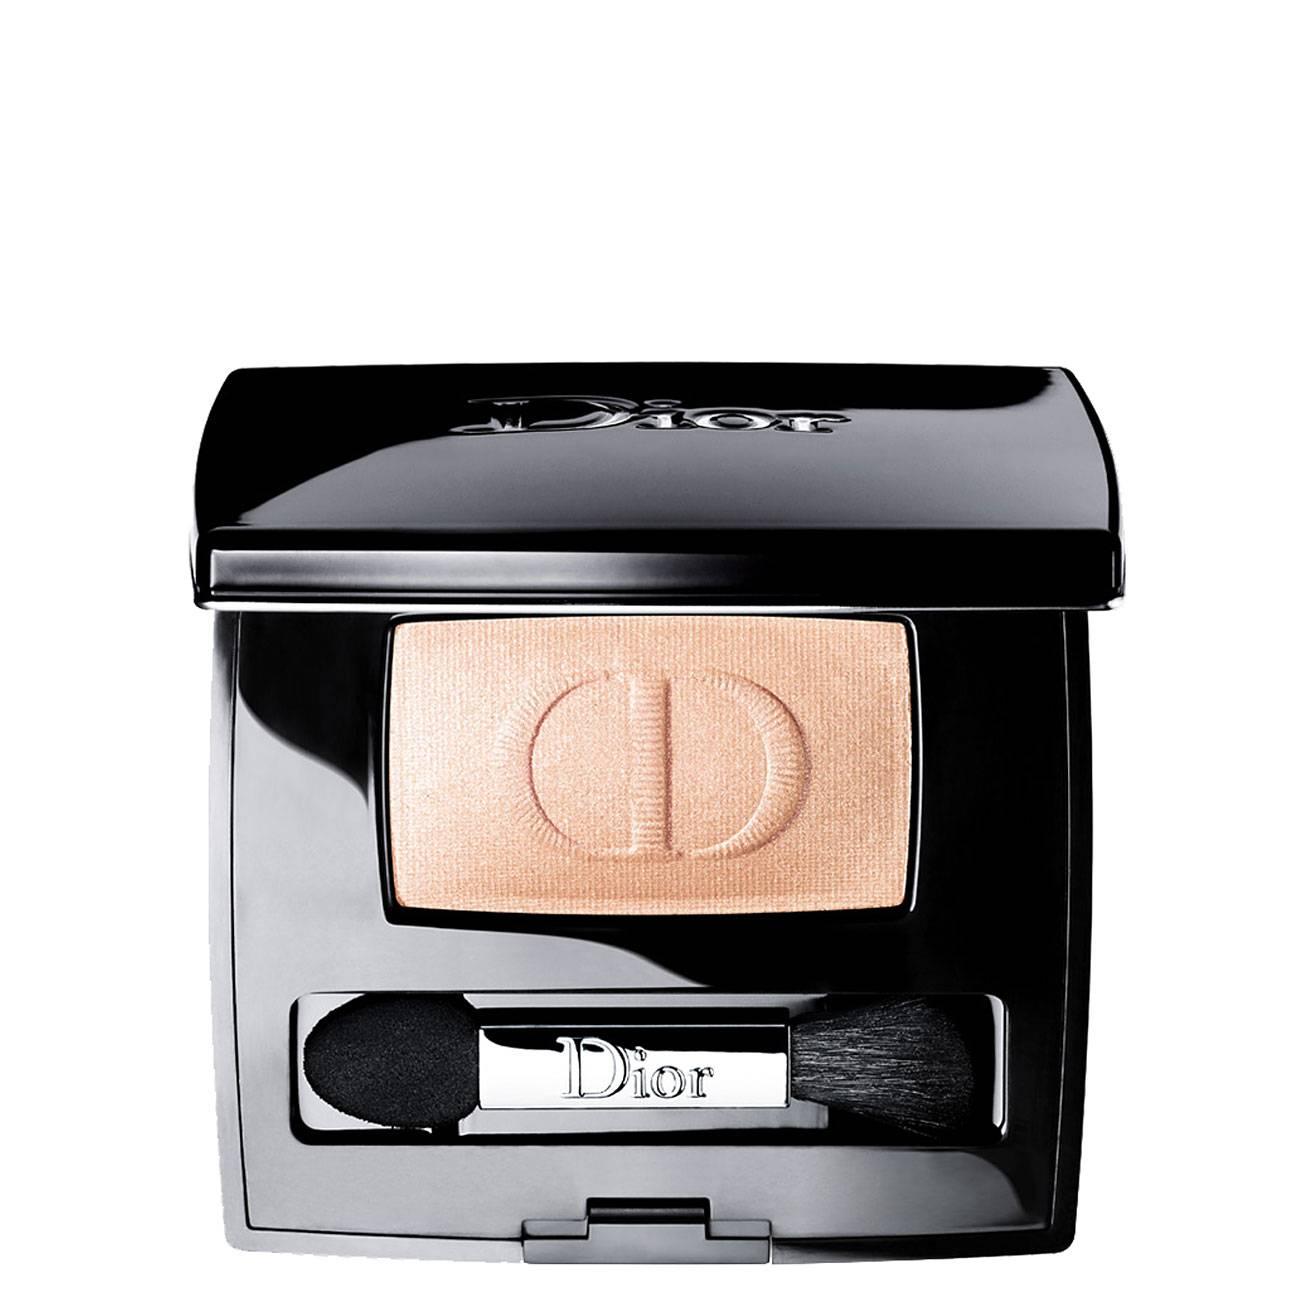 Diorshow Fusion Mono - 2 Gr 623-Feeling Dior imagine 2021 bestvalue.eu